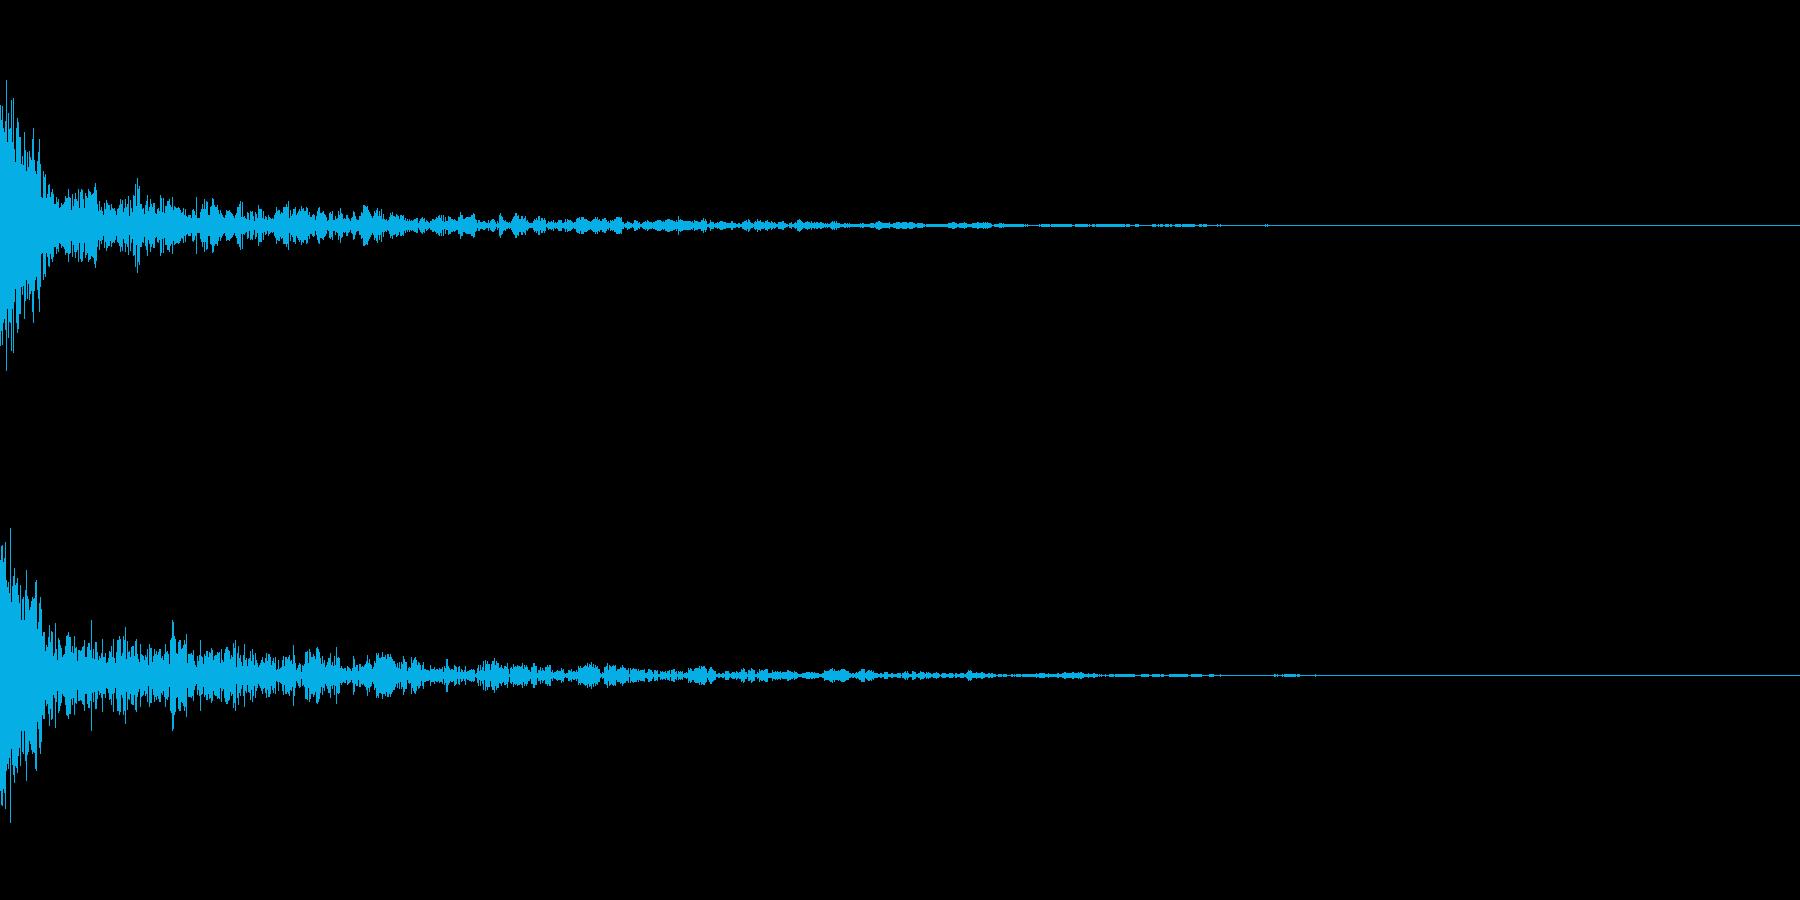 ドーン-43-1(インパクト音)の再生済みの波形